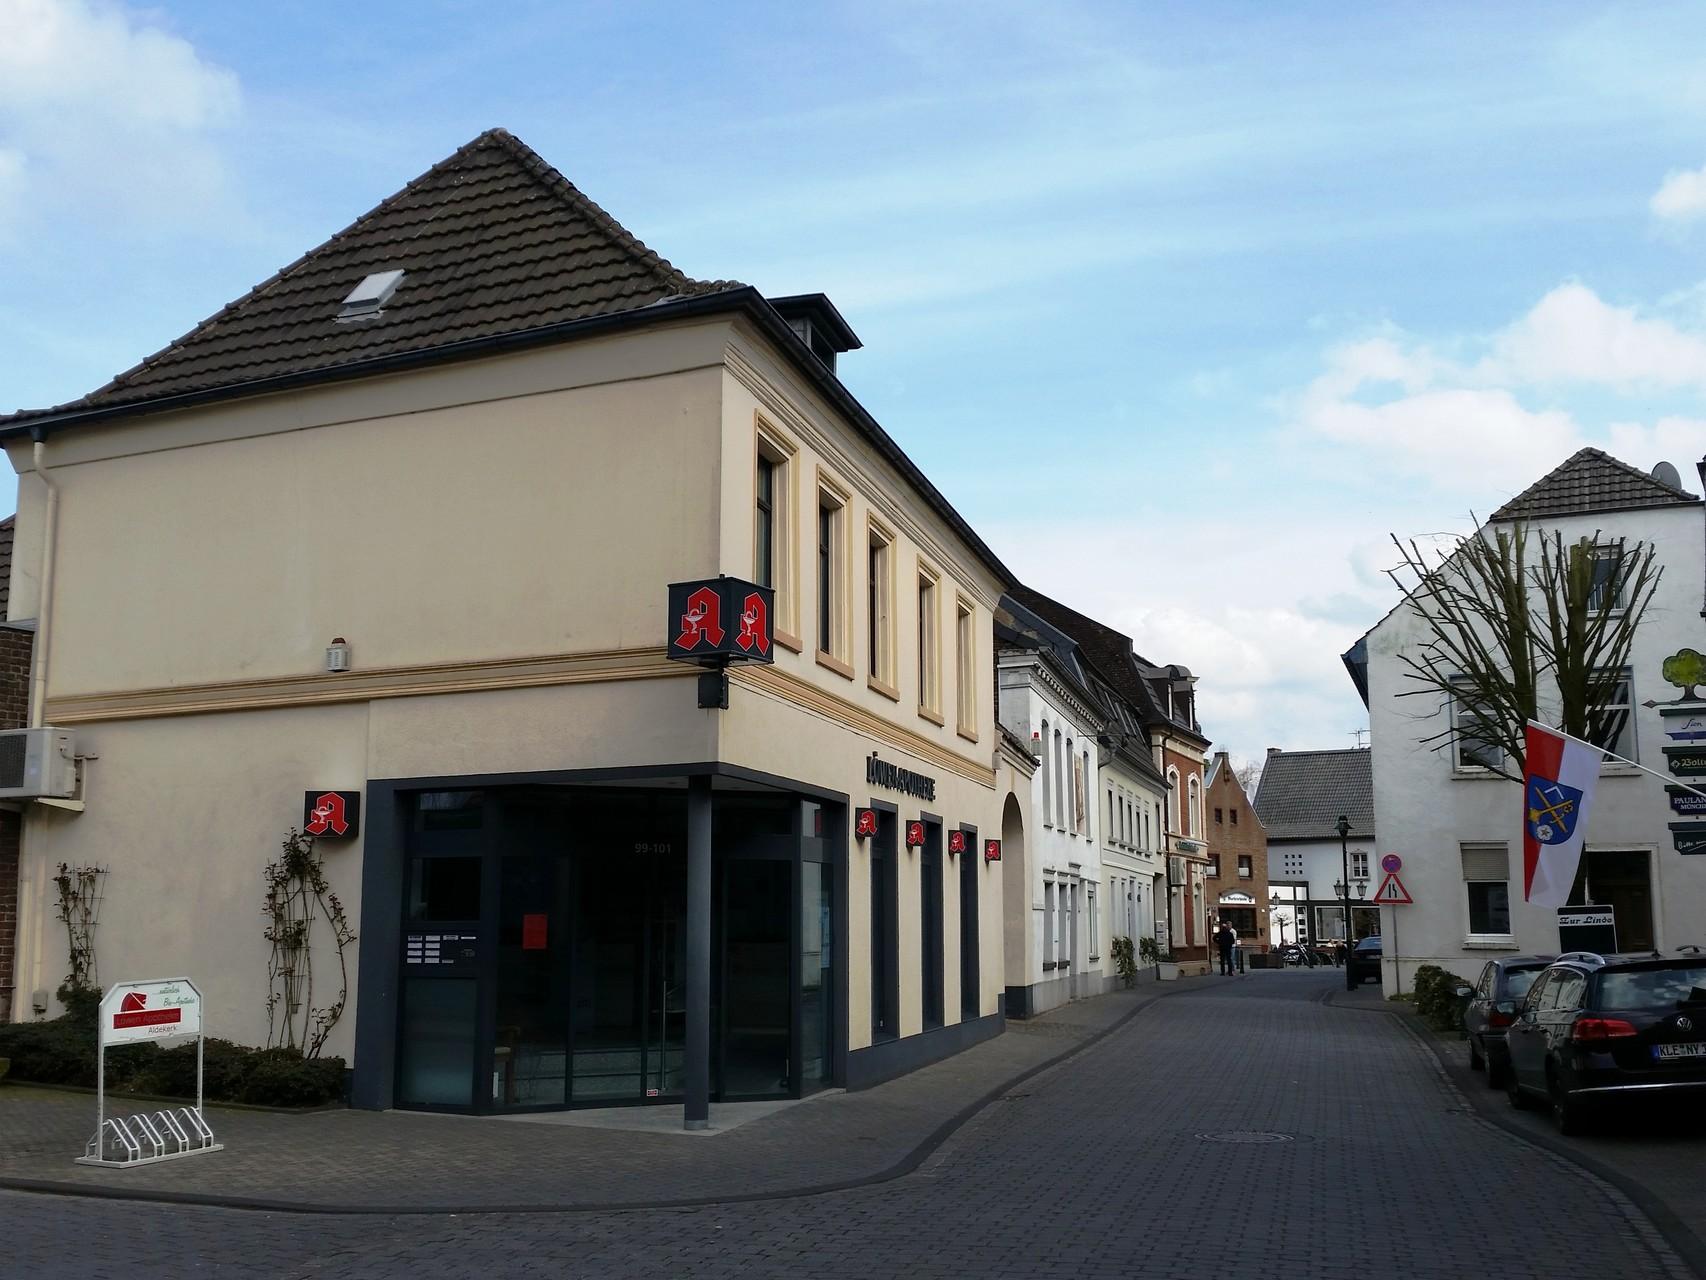 Löwen-Apotheke mit Blick in die Hochstraße